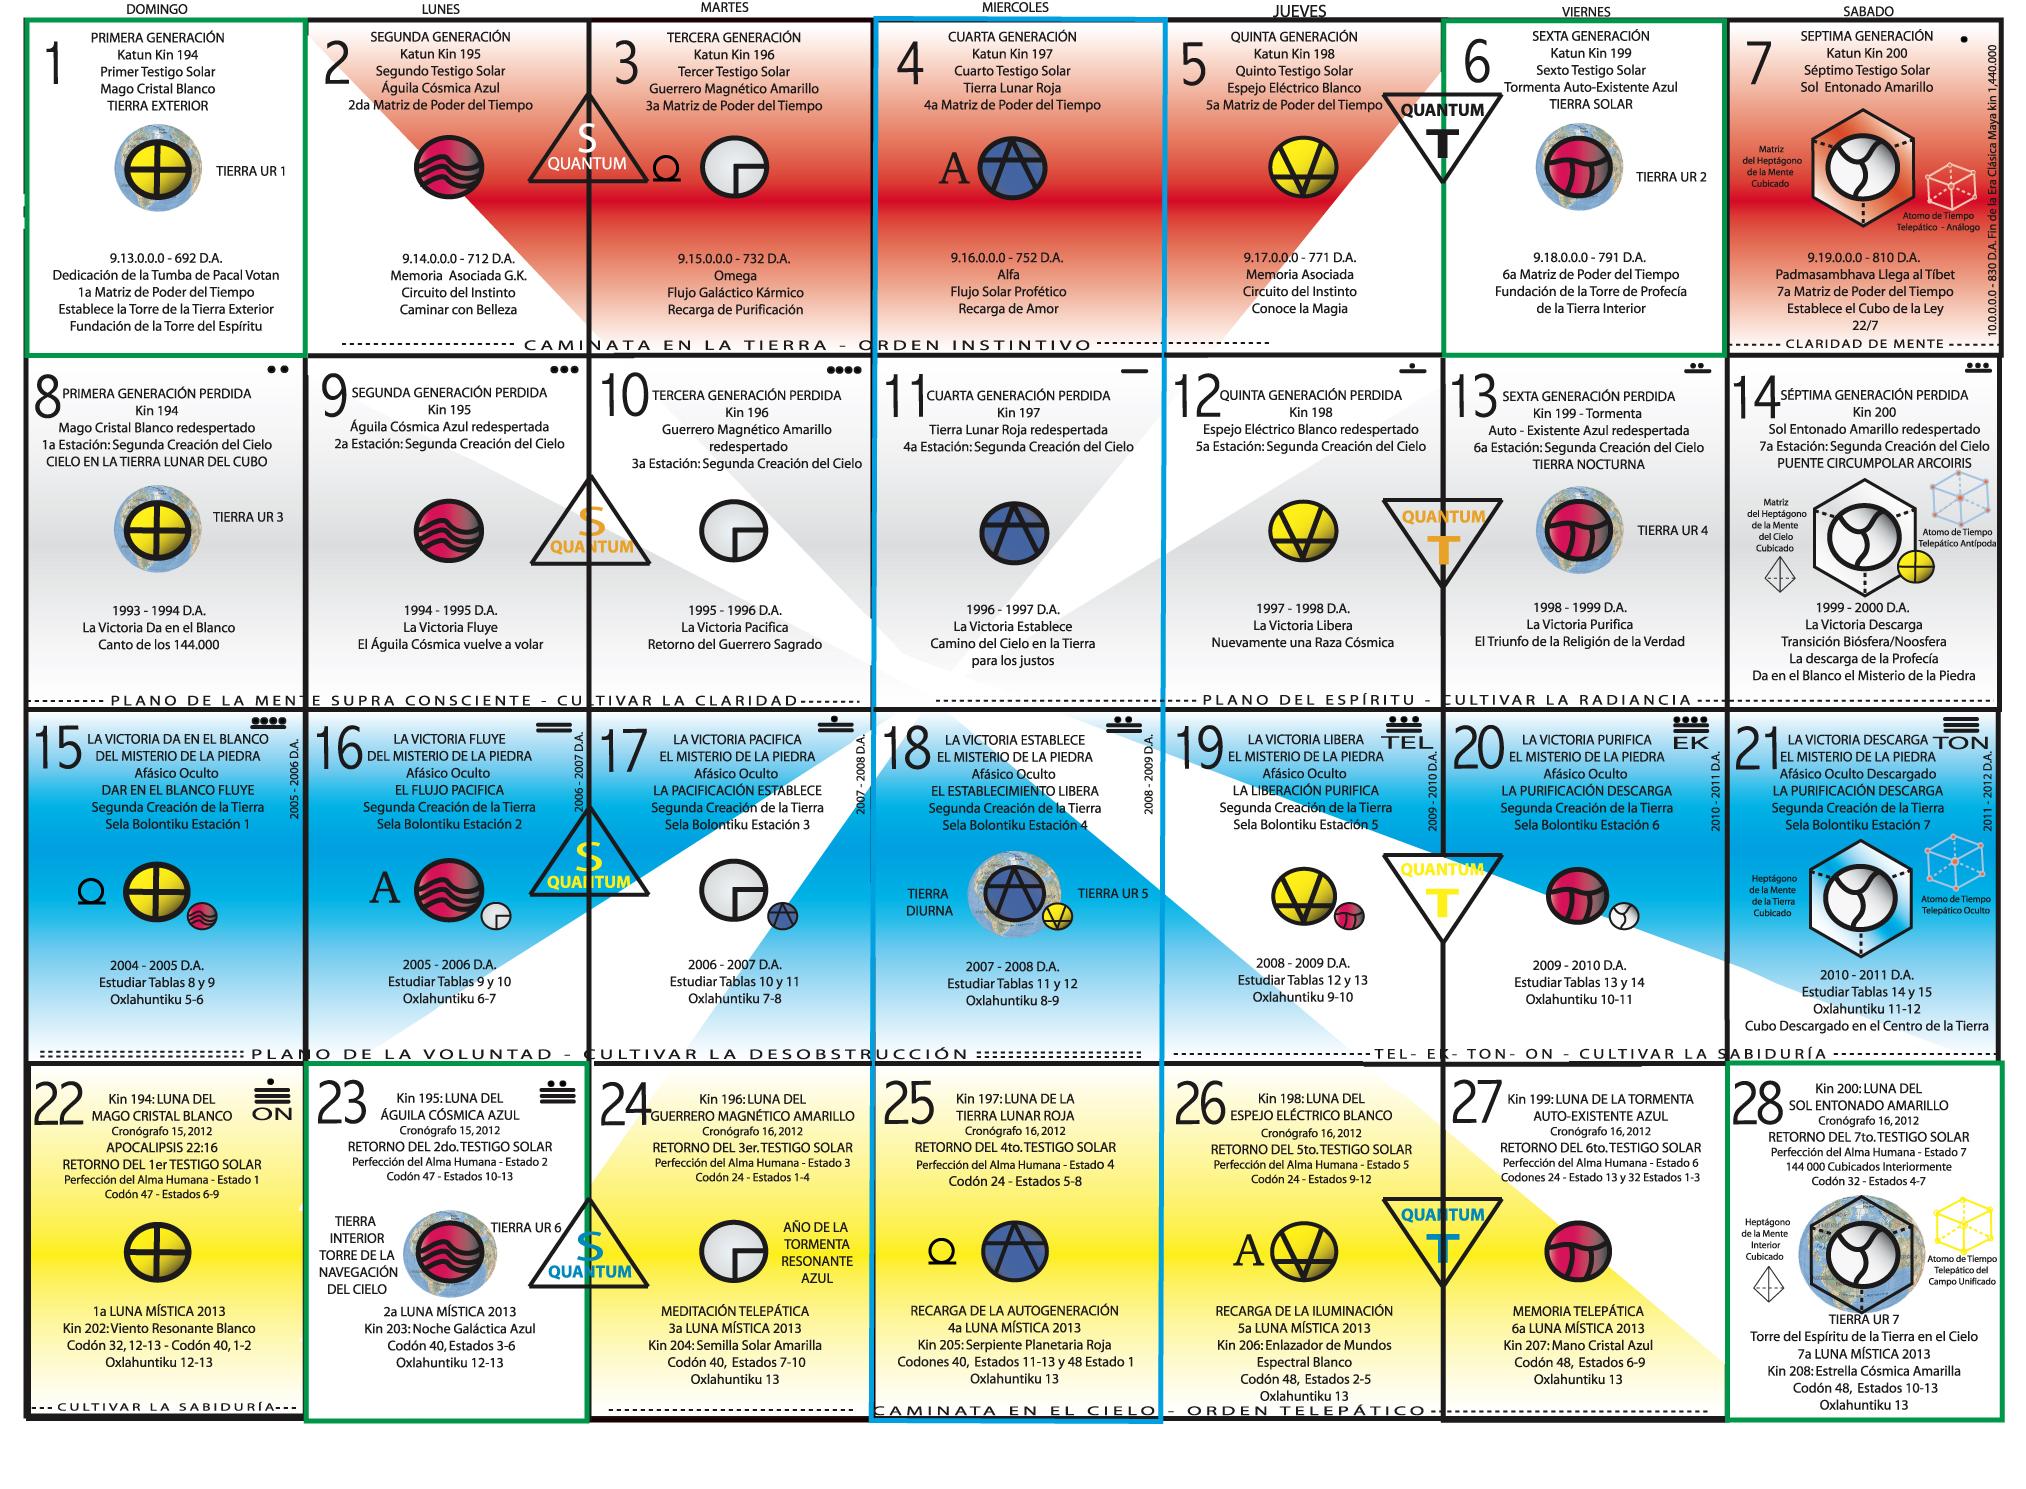 7 Plasmas Radiales, 7 Electricidades Cósmicas, 7 Centros Psico ...